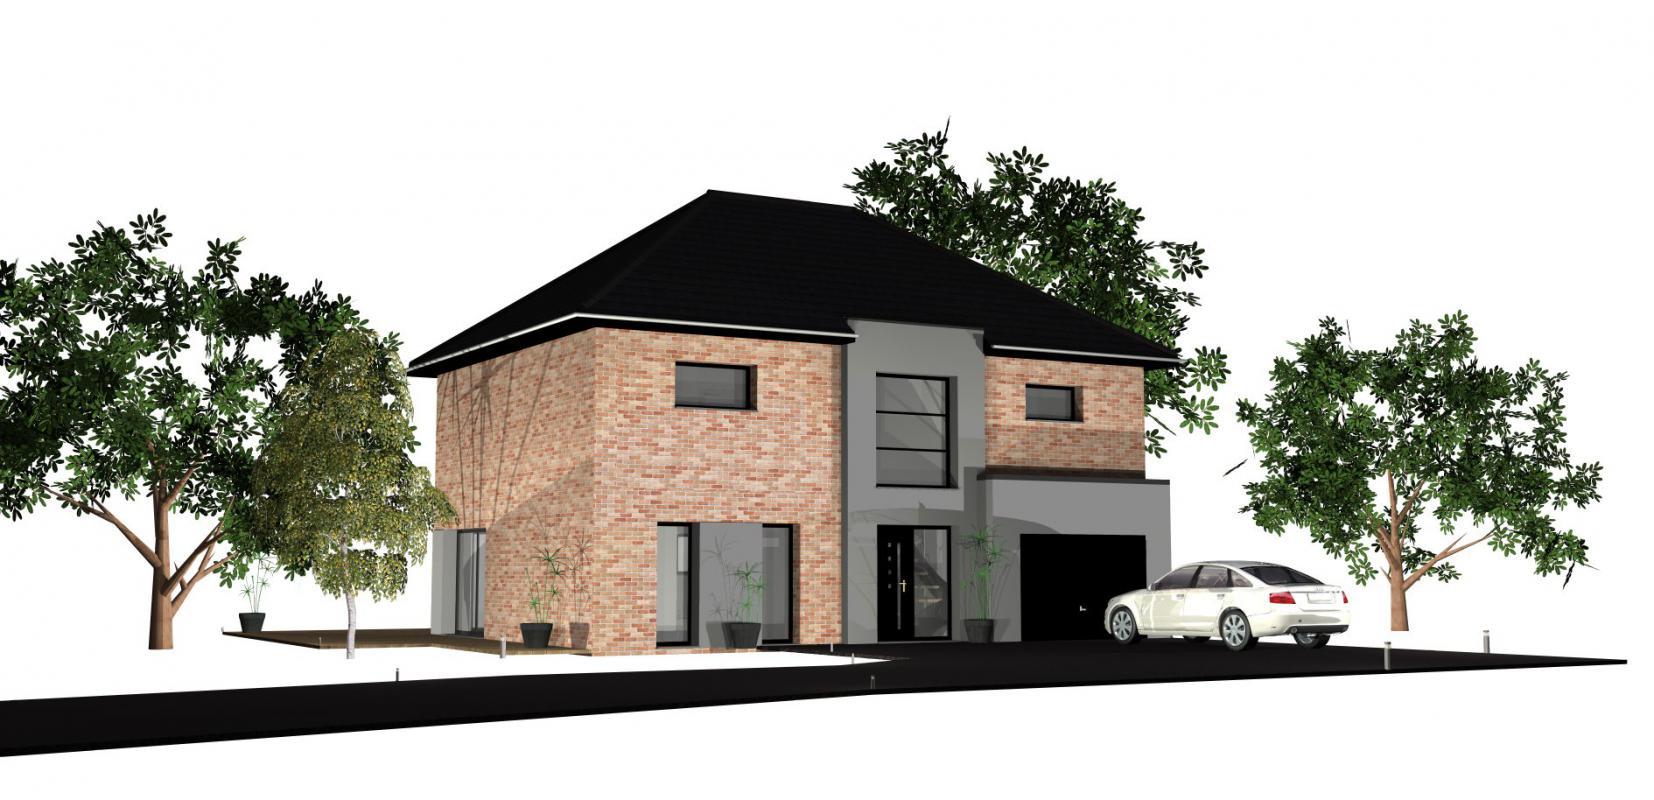 Maisons + Terrains du constructeur MAISONS D EN FRANCE NORD • 150 m² • ENNEVELIN